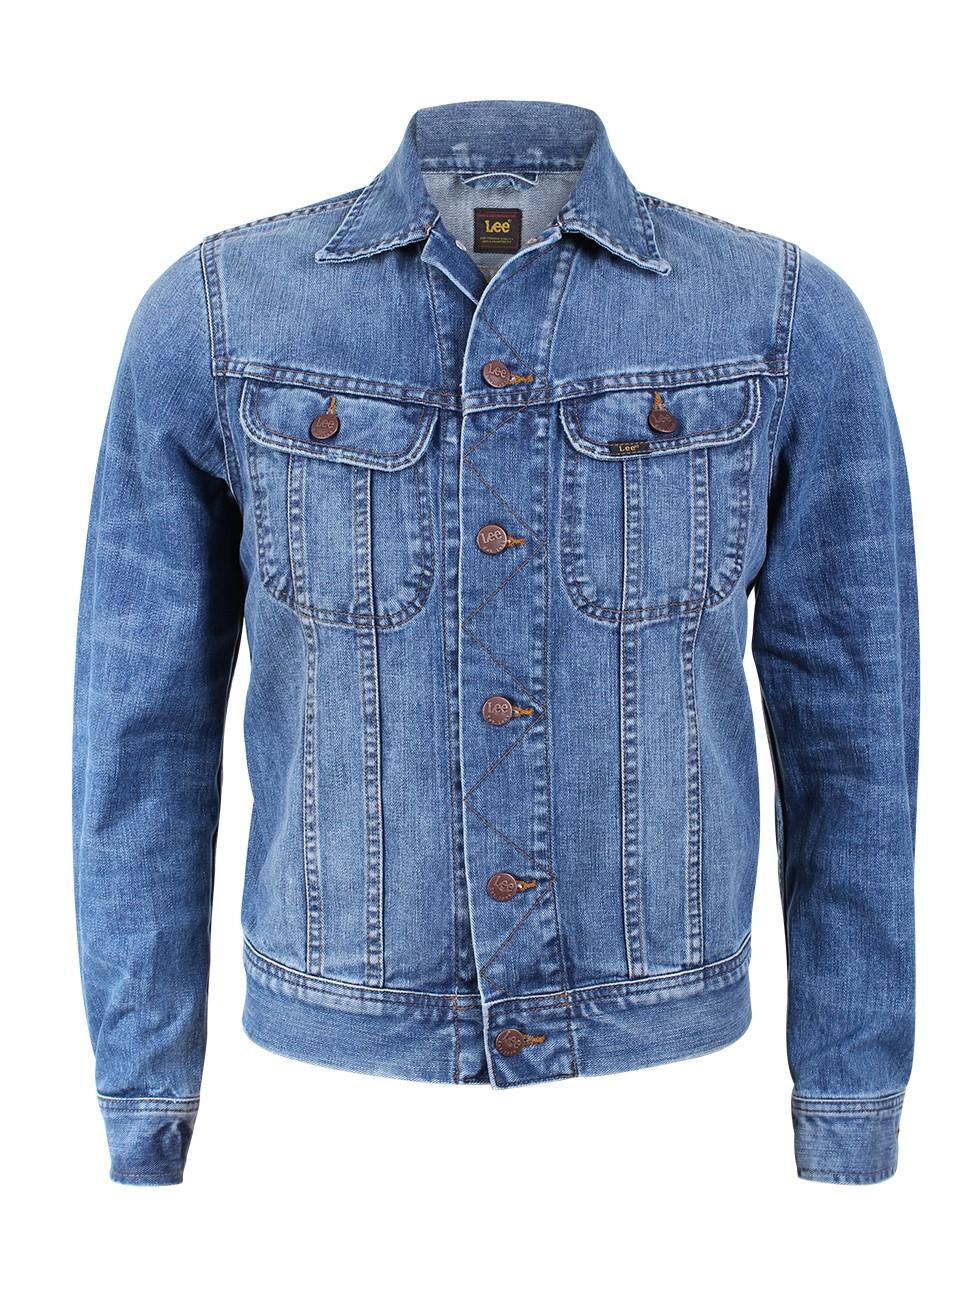 Nur bis morgen LEE-Special bei Jeans Direct mit T-Shirts für 12,95€, Hemden für 24,95€, Jeanshosen für 29,95€ und Jeansjacken für 24,95€ / gratis Versand ab 30€